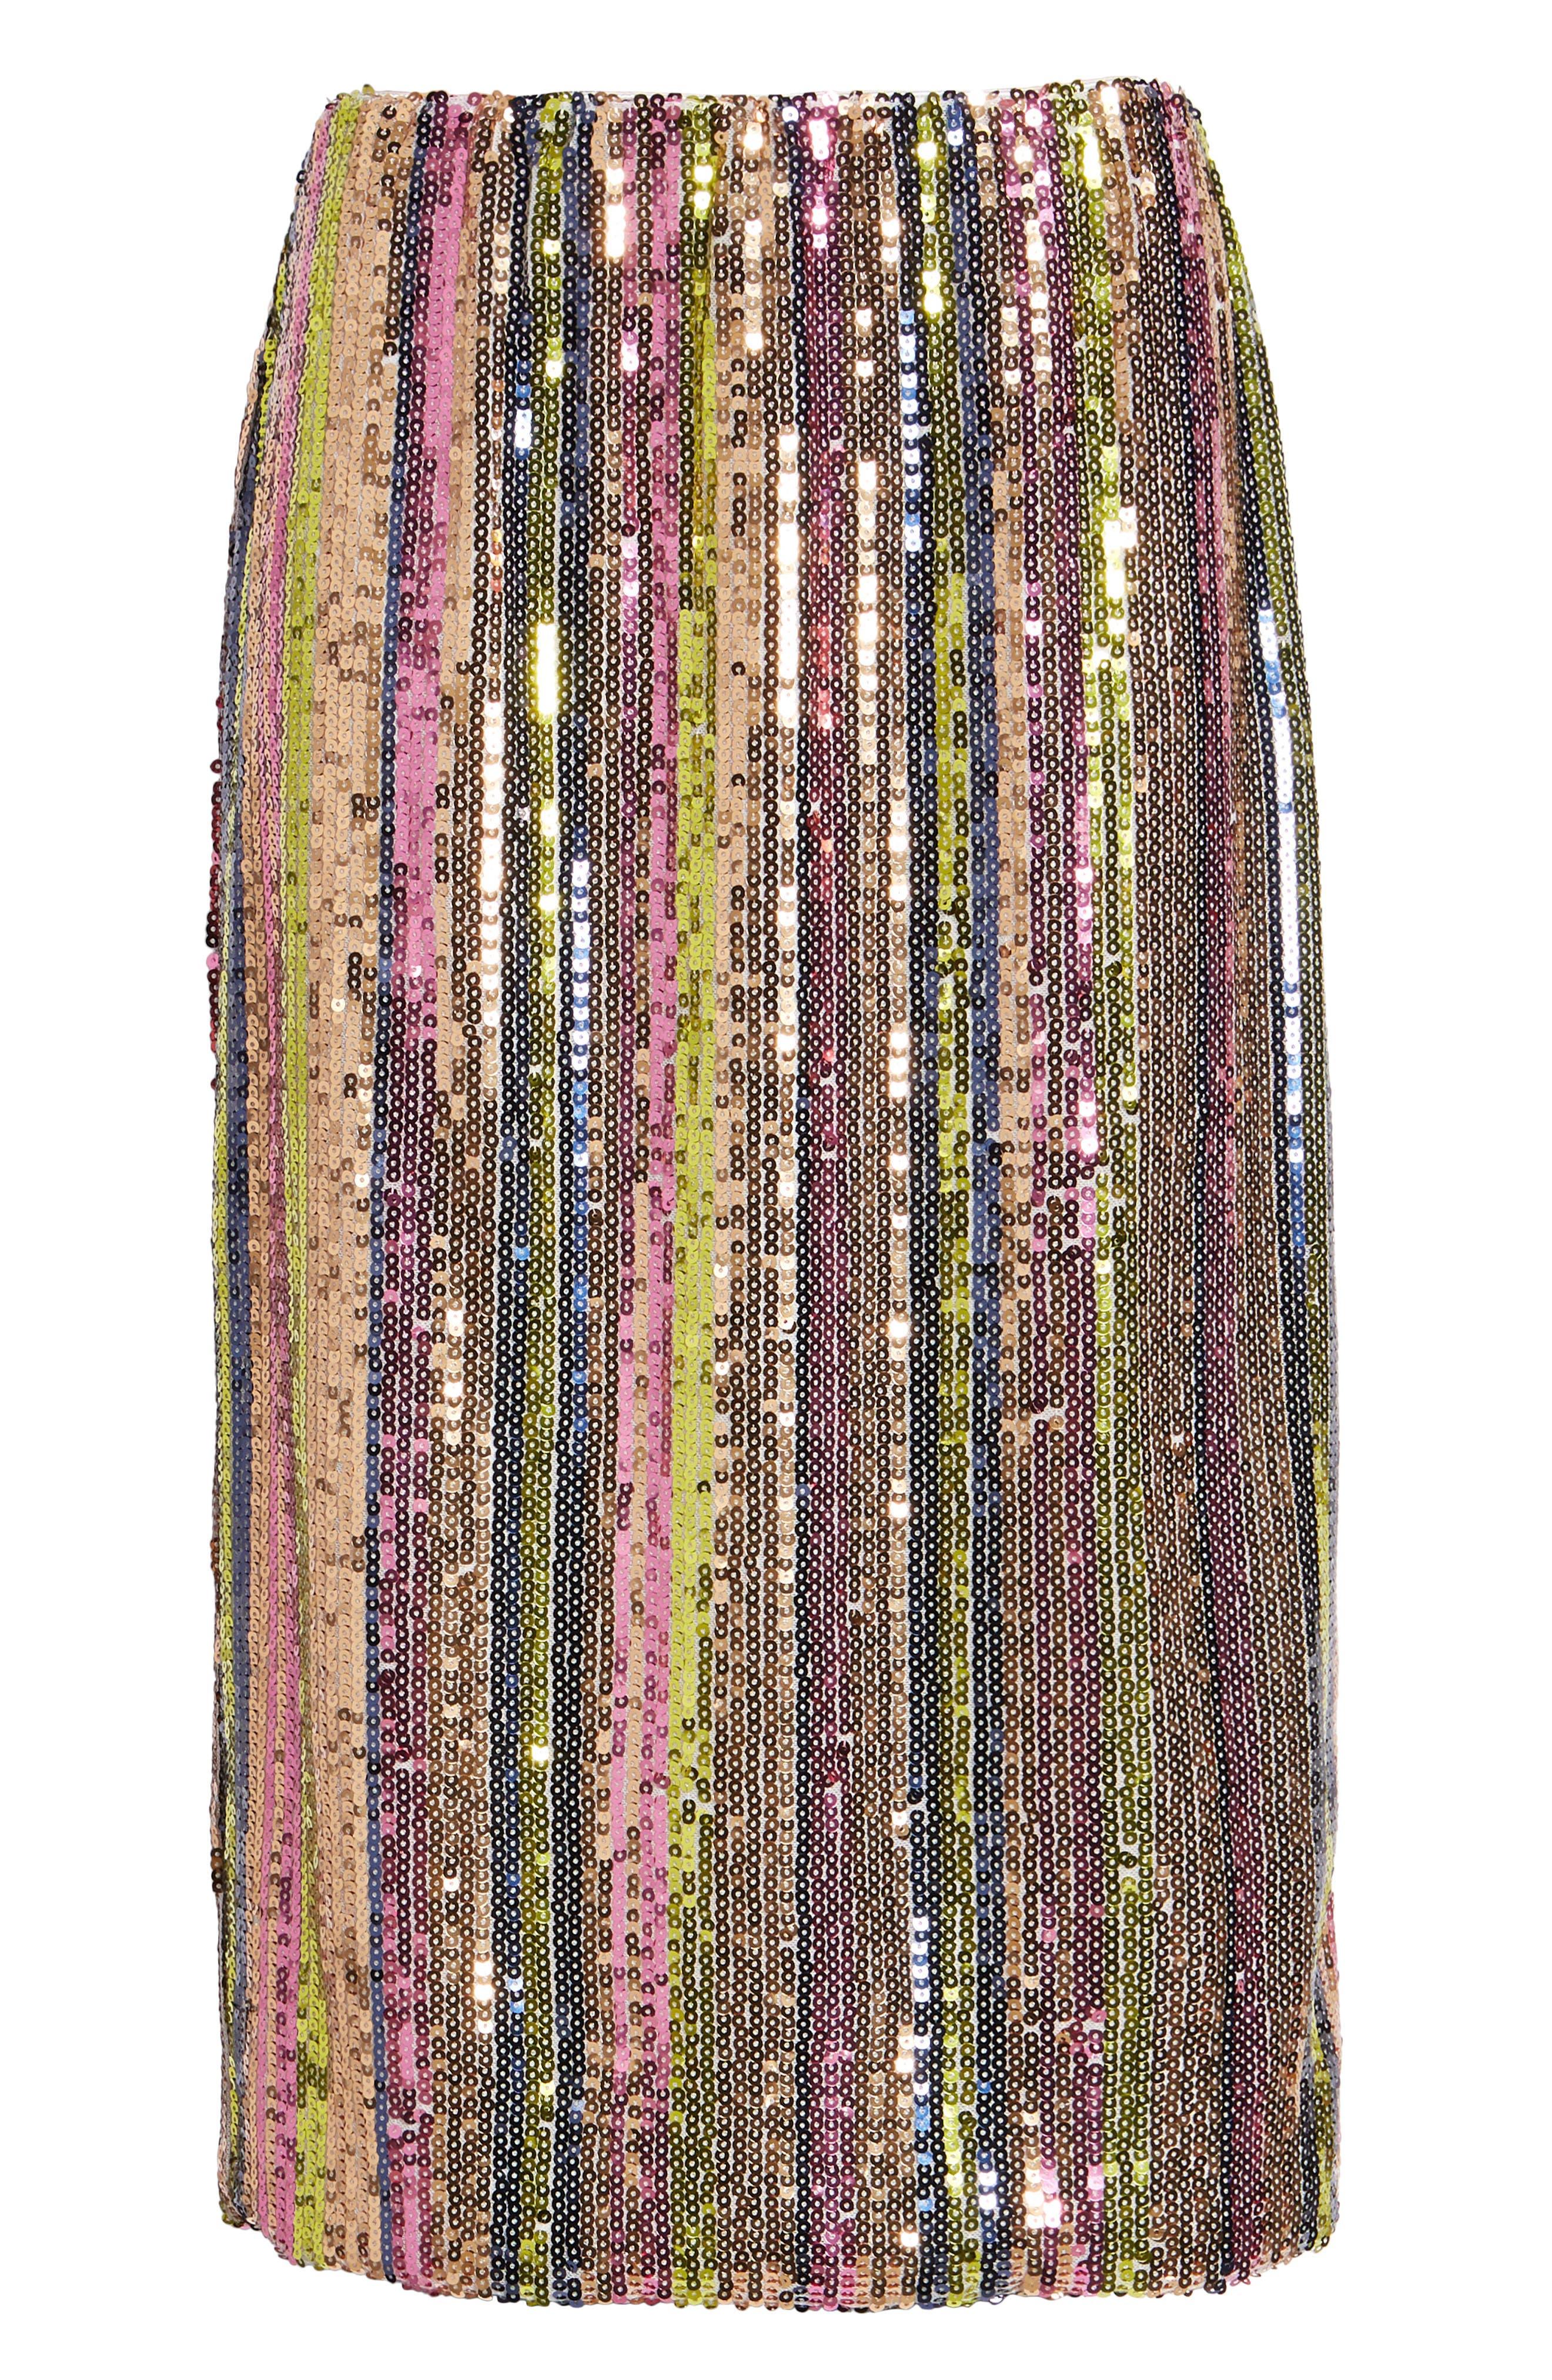 Rainbow Sequin Midi Skirt,                             Alternate thumbnail 5, color,                             PURPLE MAGENTA MULTI